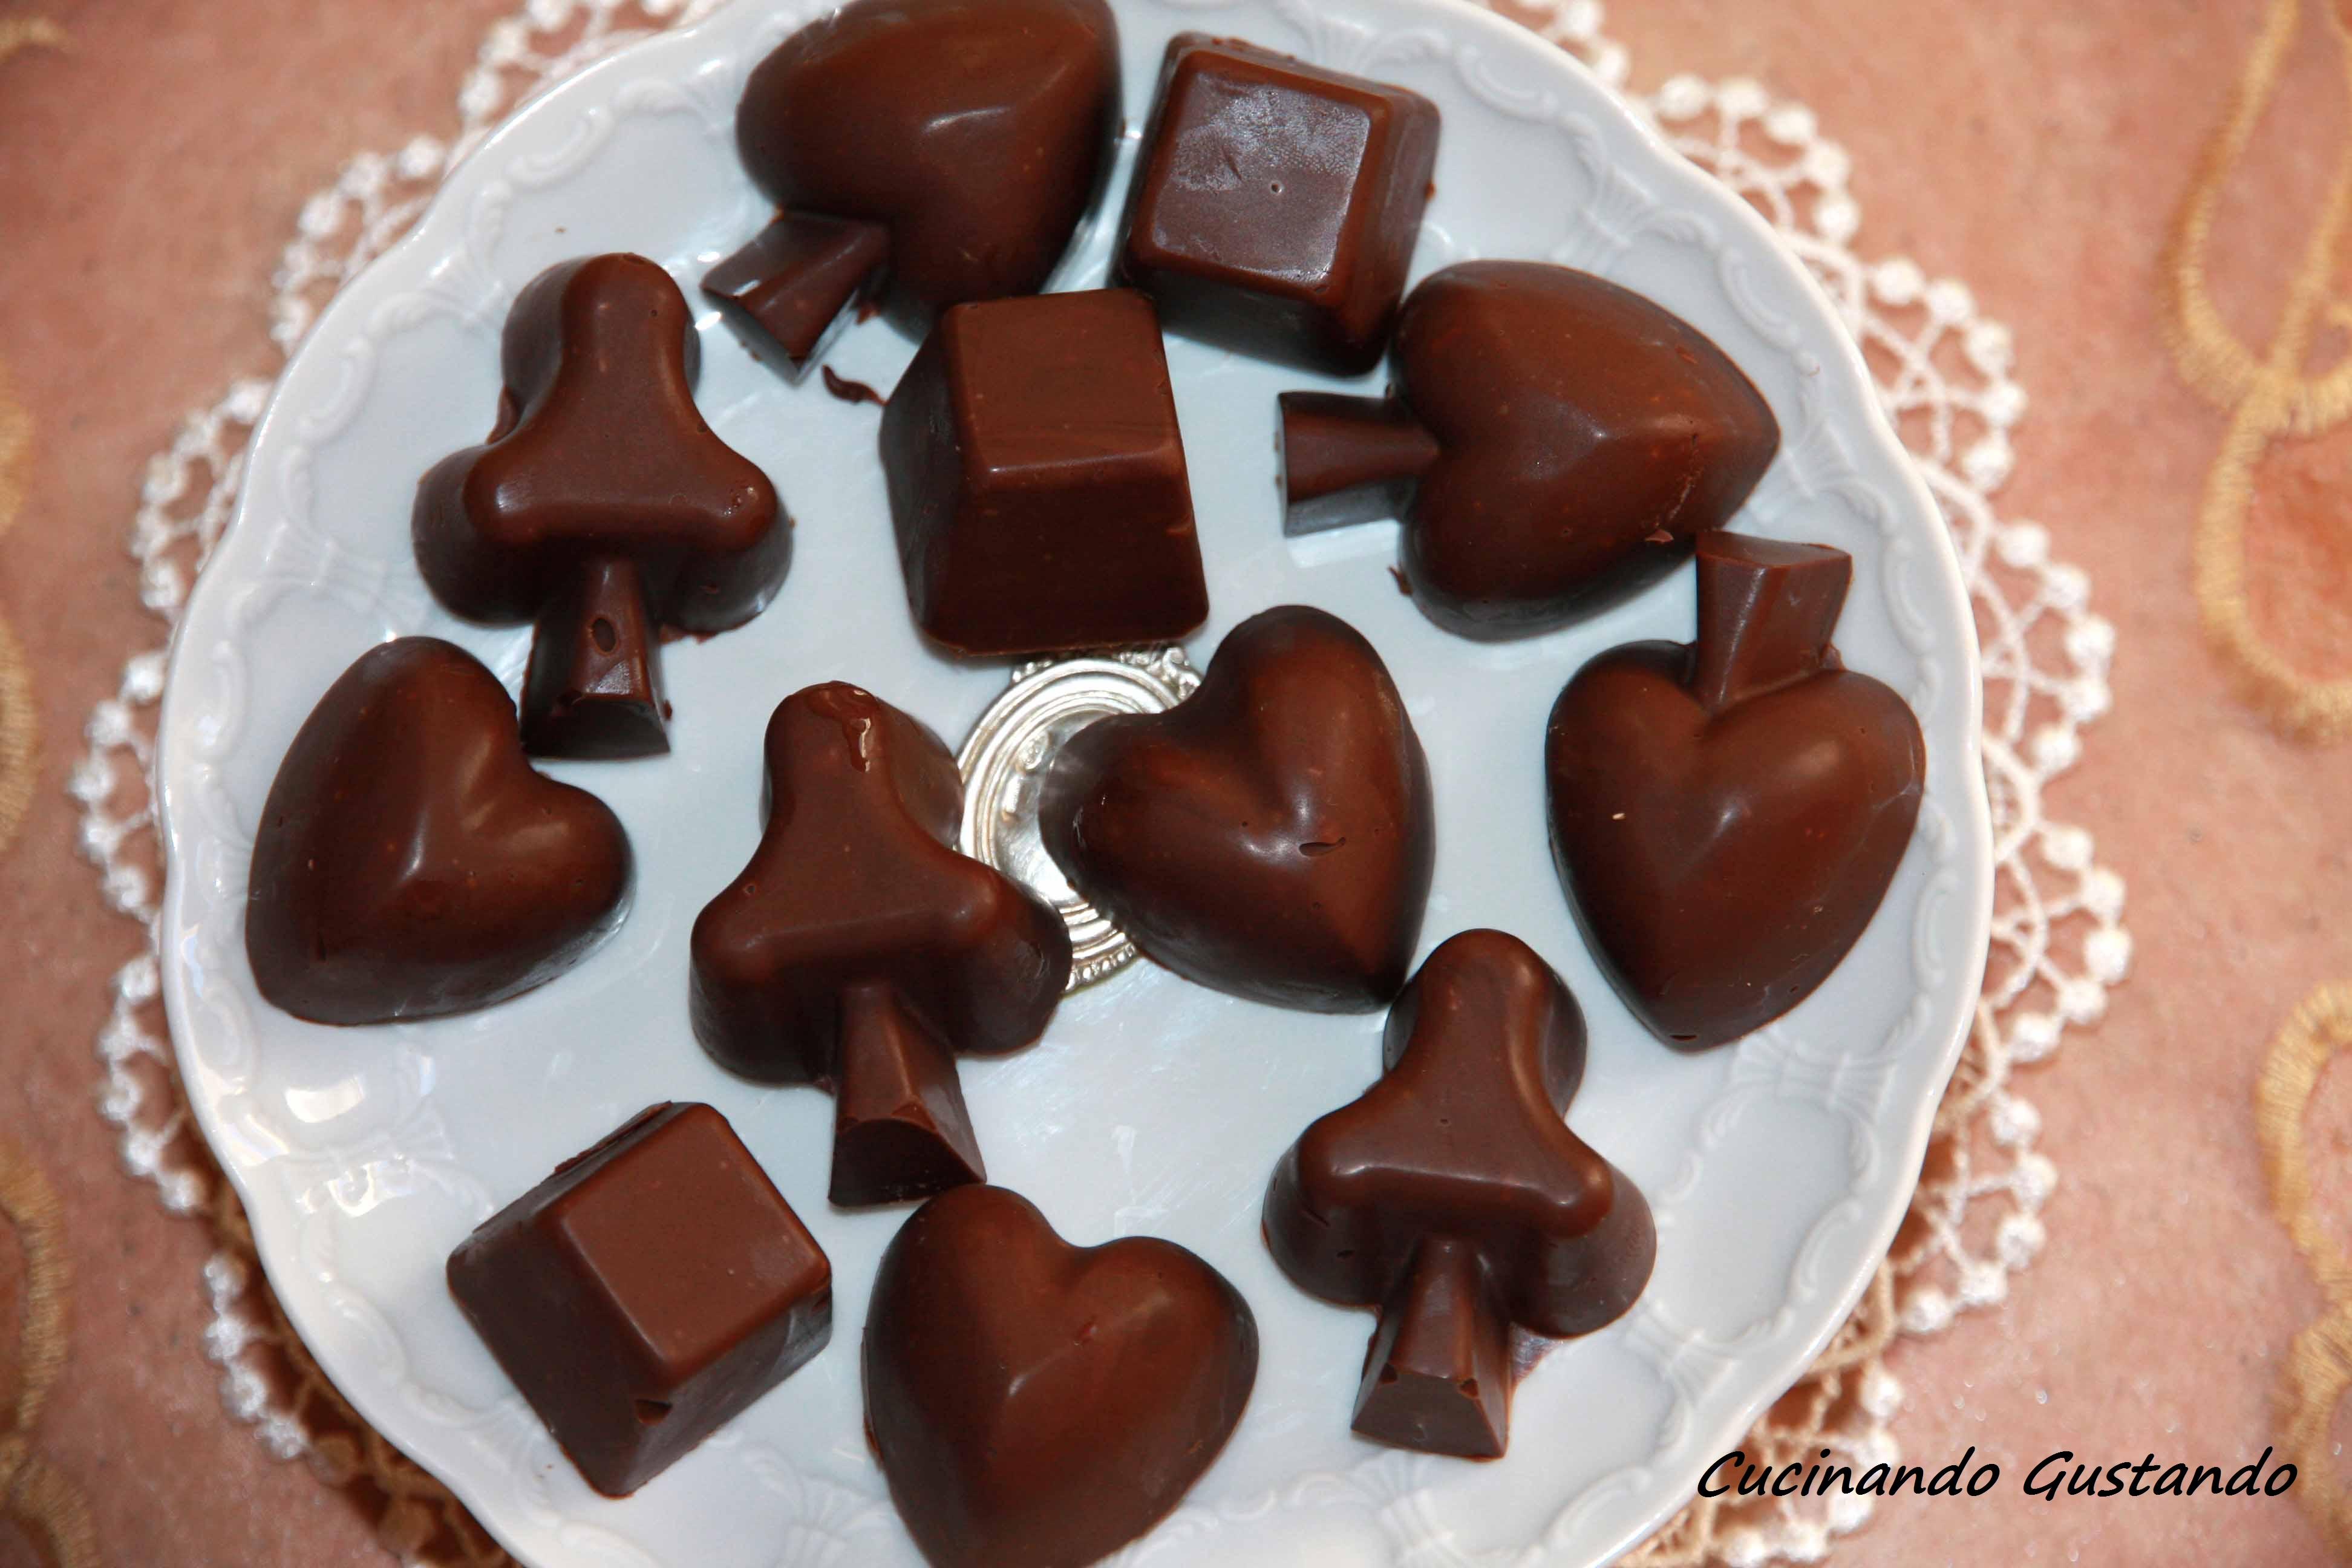 Cioccolatini fatti in casa ricetta facile - Faretti in casa ...